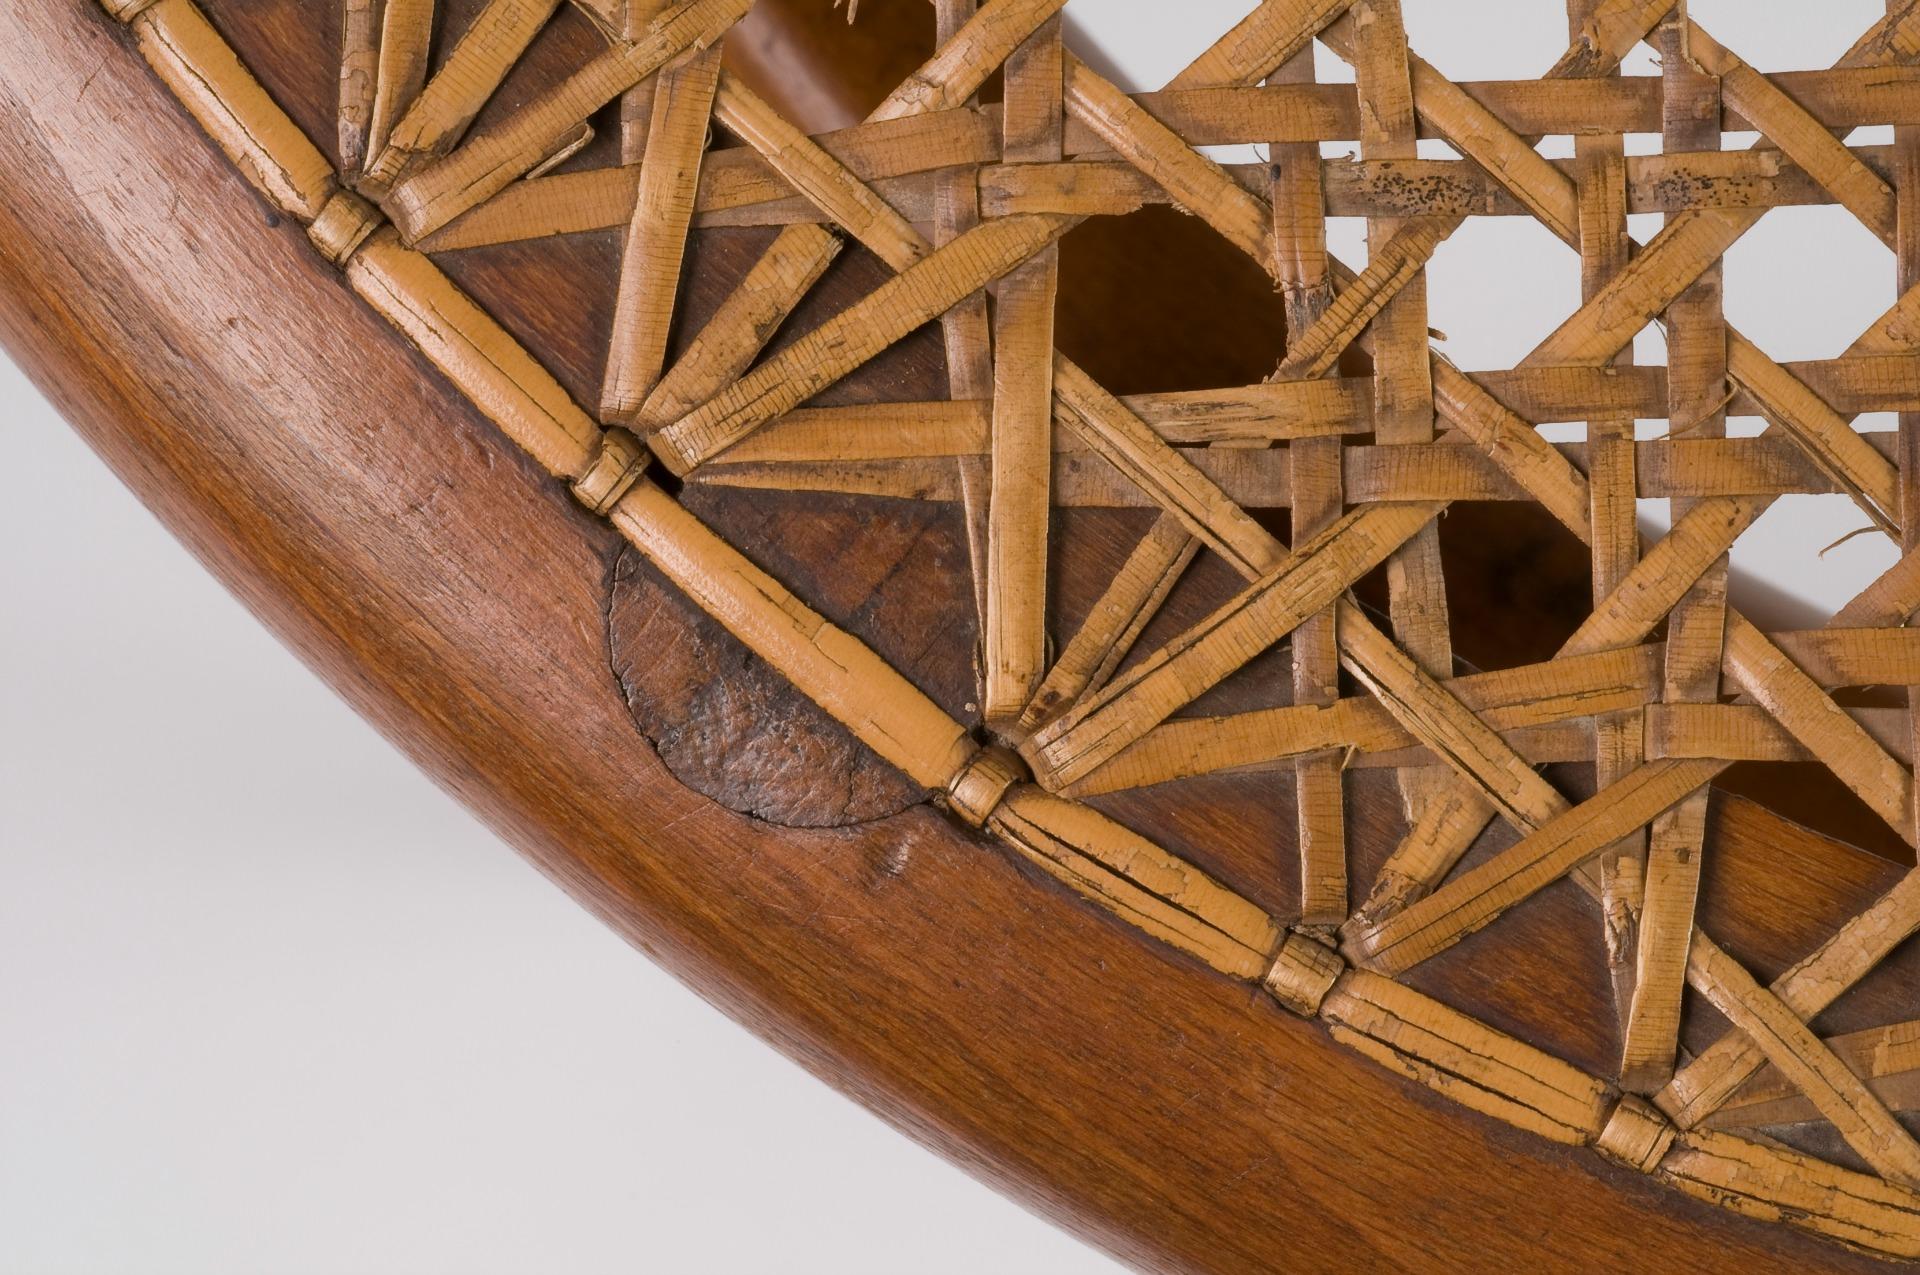 Dove trovare impagliatori d o c g legno curvato - Sedia thonet originale ...